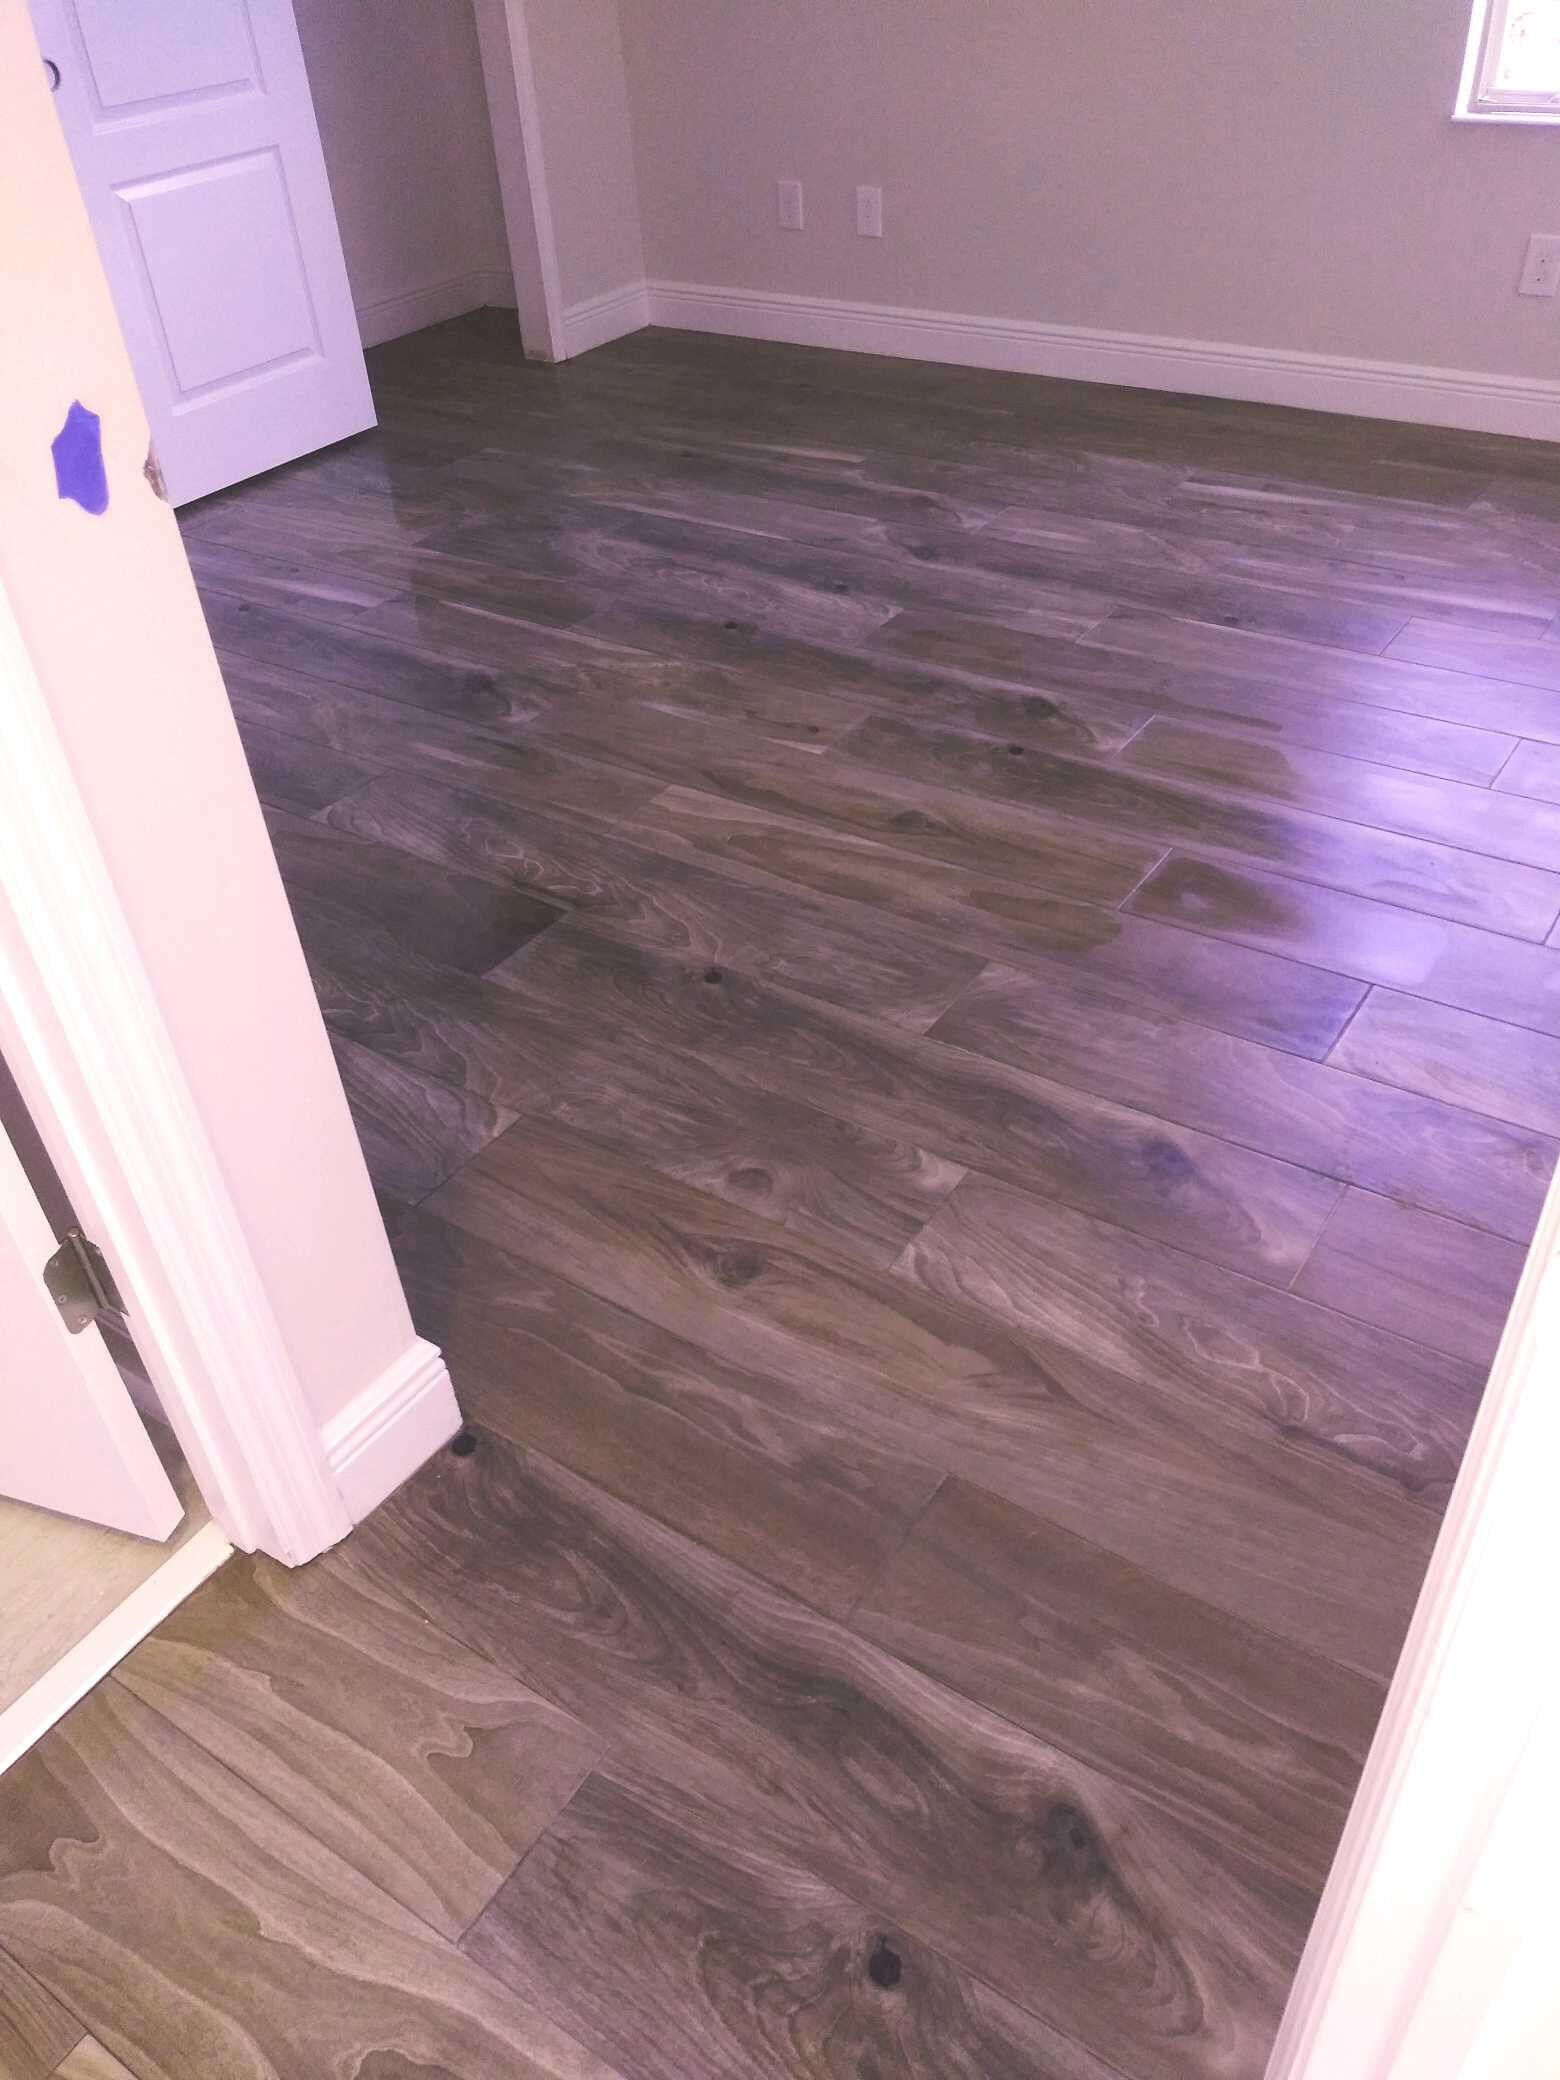 Hardwood flooring from The Flooring Center in Dr. Phillips, FL